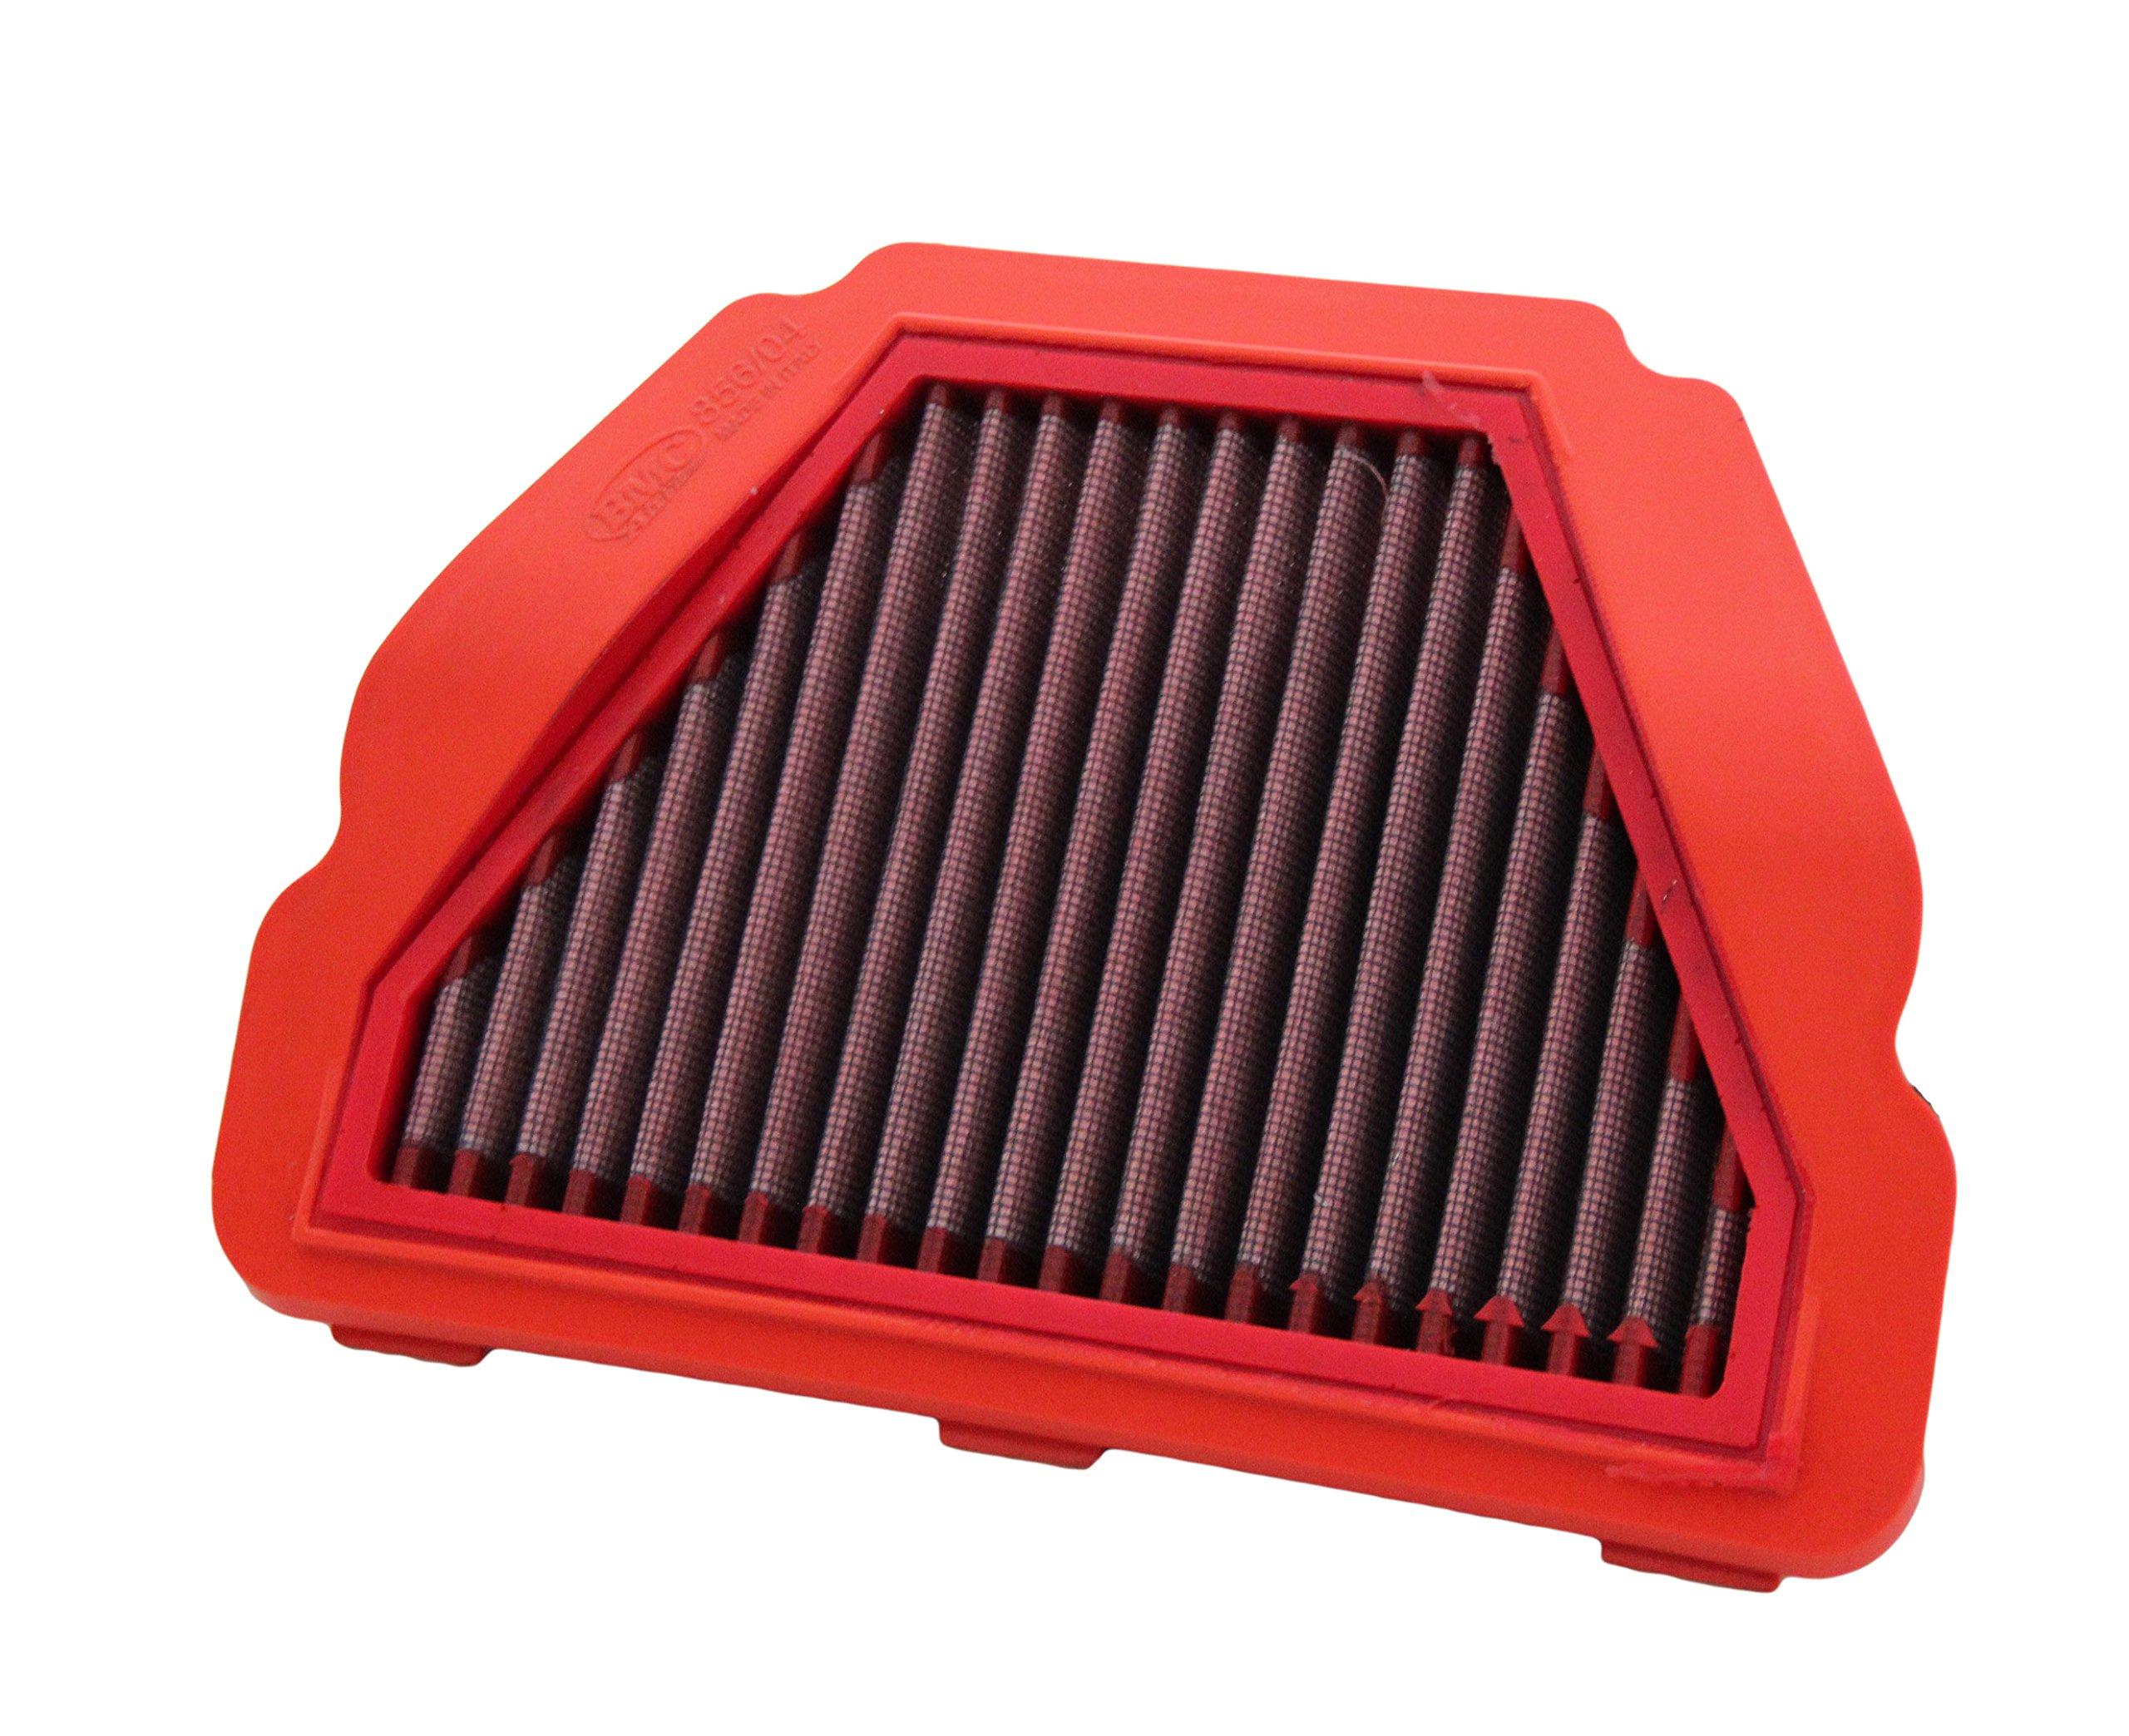 BMC FM856 / 04RACE Race Replacement Air Filter, Multi-Colour